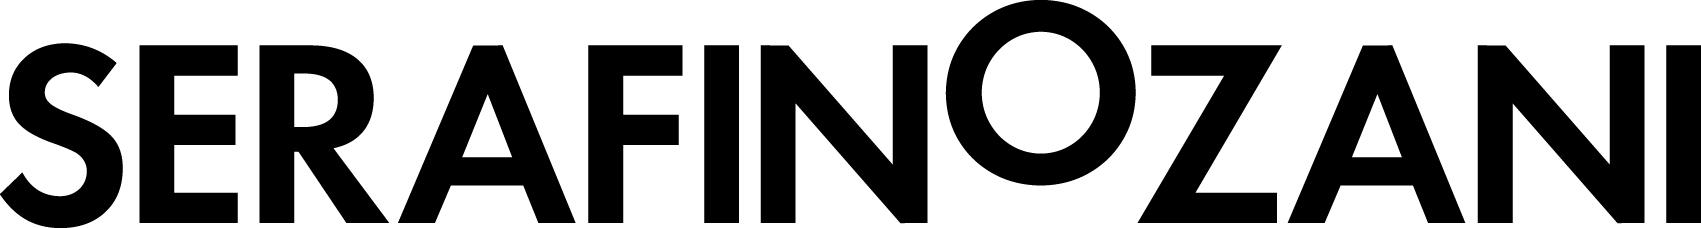 logo-SERAFINO-ZANI